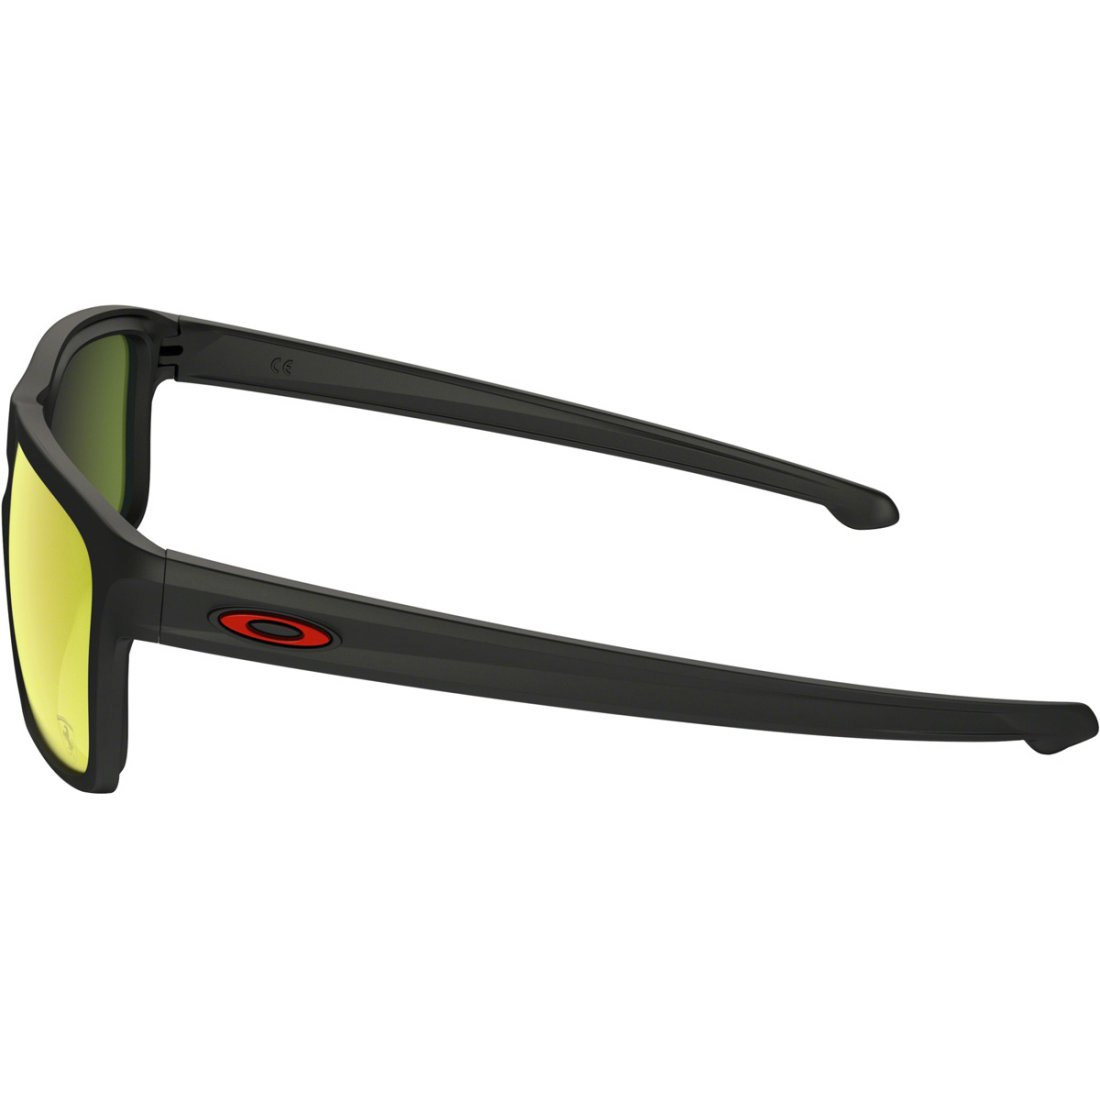 252447d8a9c OAKLEY Sliver Scuderia Ferrari Collection Matte Black   Ruby Iridium Sun  glasses